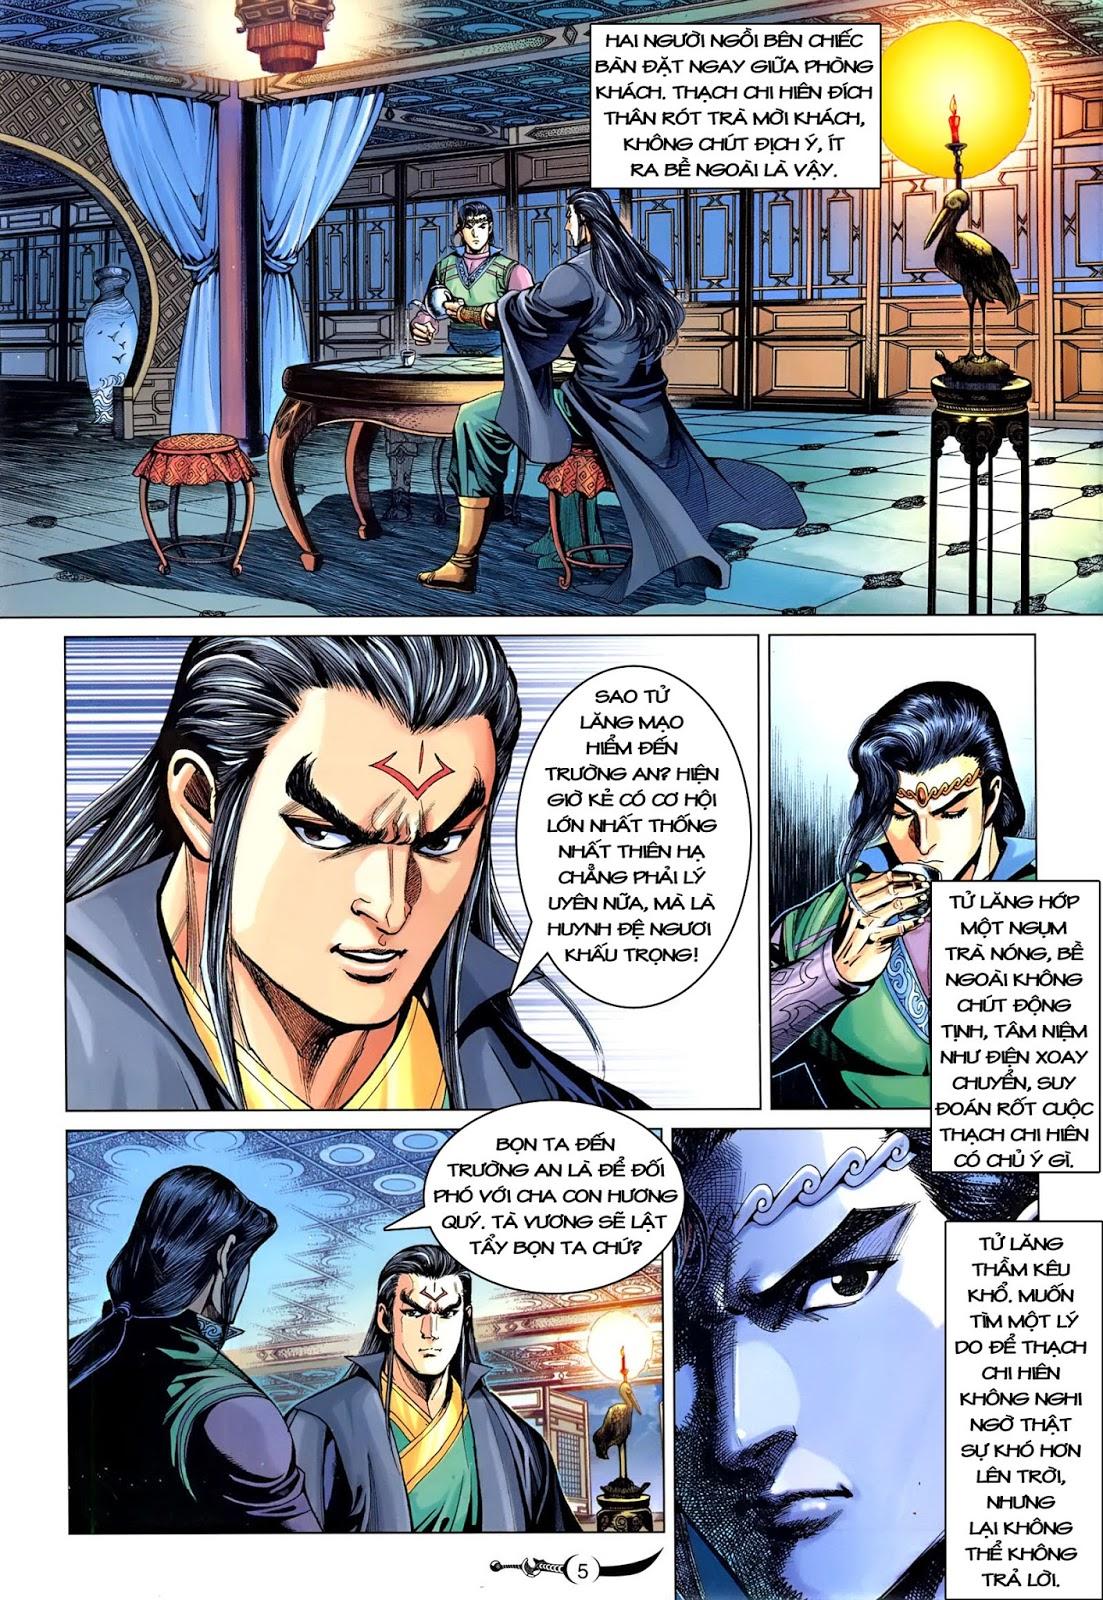 Đại Đường Song Long Truyện chap 216 - Trang 7